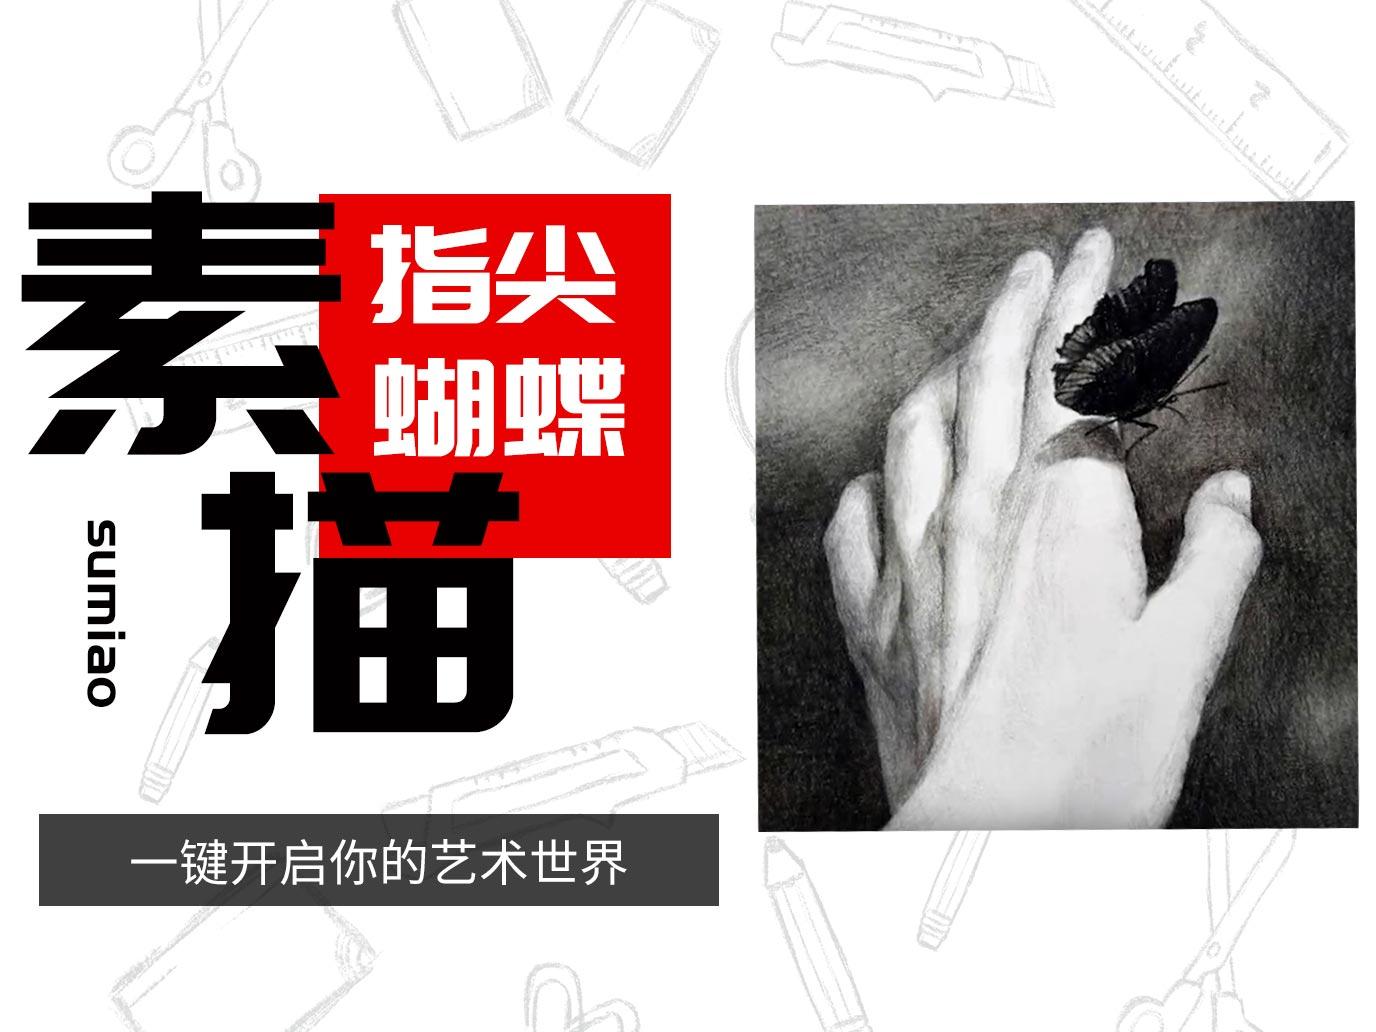 素描-指间蝴蝶